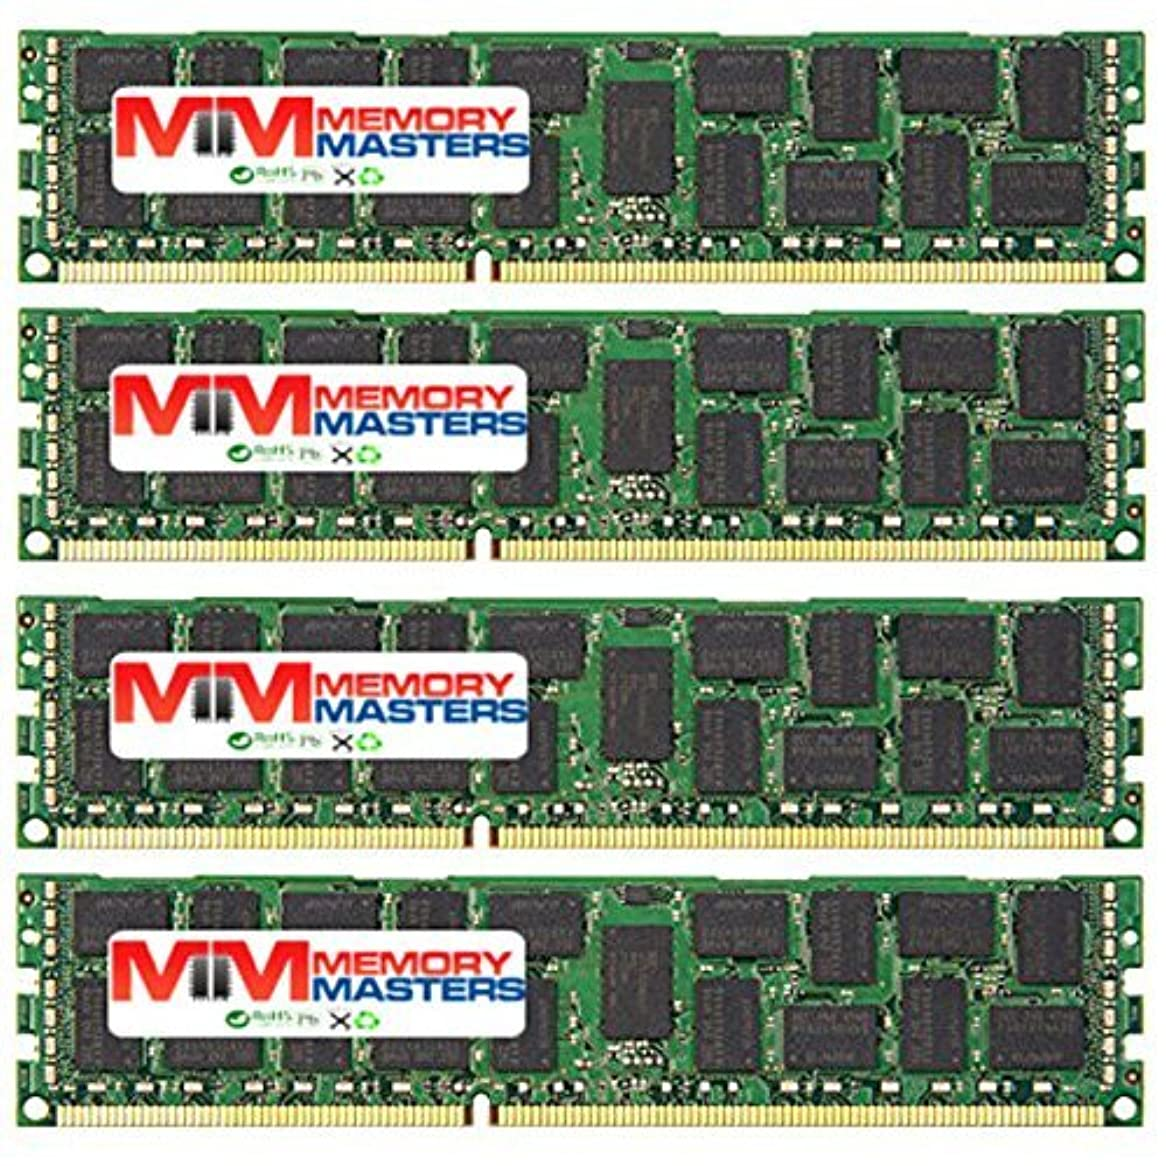 傭兵反動時期尚早HP - Compaq ProLiant MemoryMastersシリーズ。DIMM ddr3?pc3?–?10600?/ pc3?–?8500?/ pc3?–?12800?1333?MHz / 1066mhz / 1600mhzシングル/デュアルランクRamメモリ。 16GB KIT (2 x 8GB) (1066MHz) Dual Rank LYSB01H8WF70U-CMPTRACCS